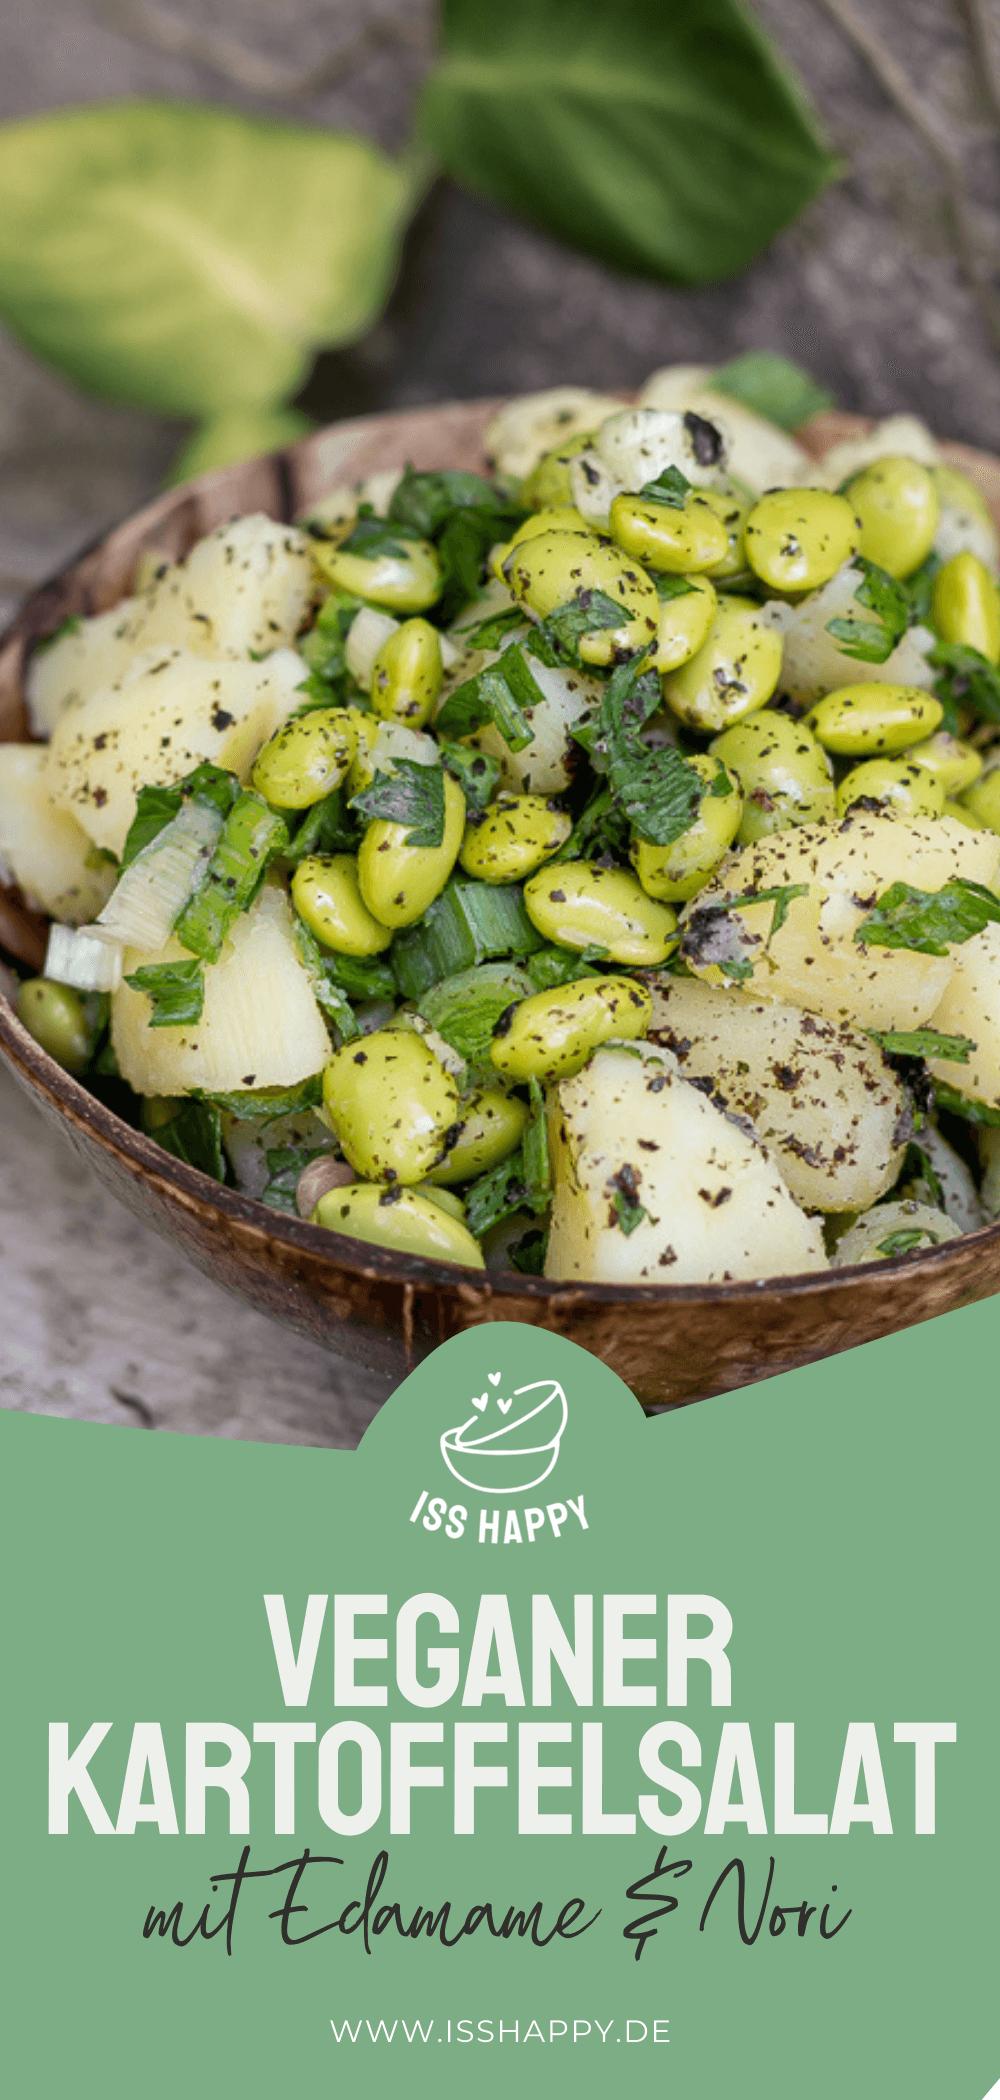 Köstlicher veganer Kartoffelsalat mit Edamame & Nori